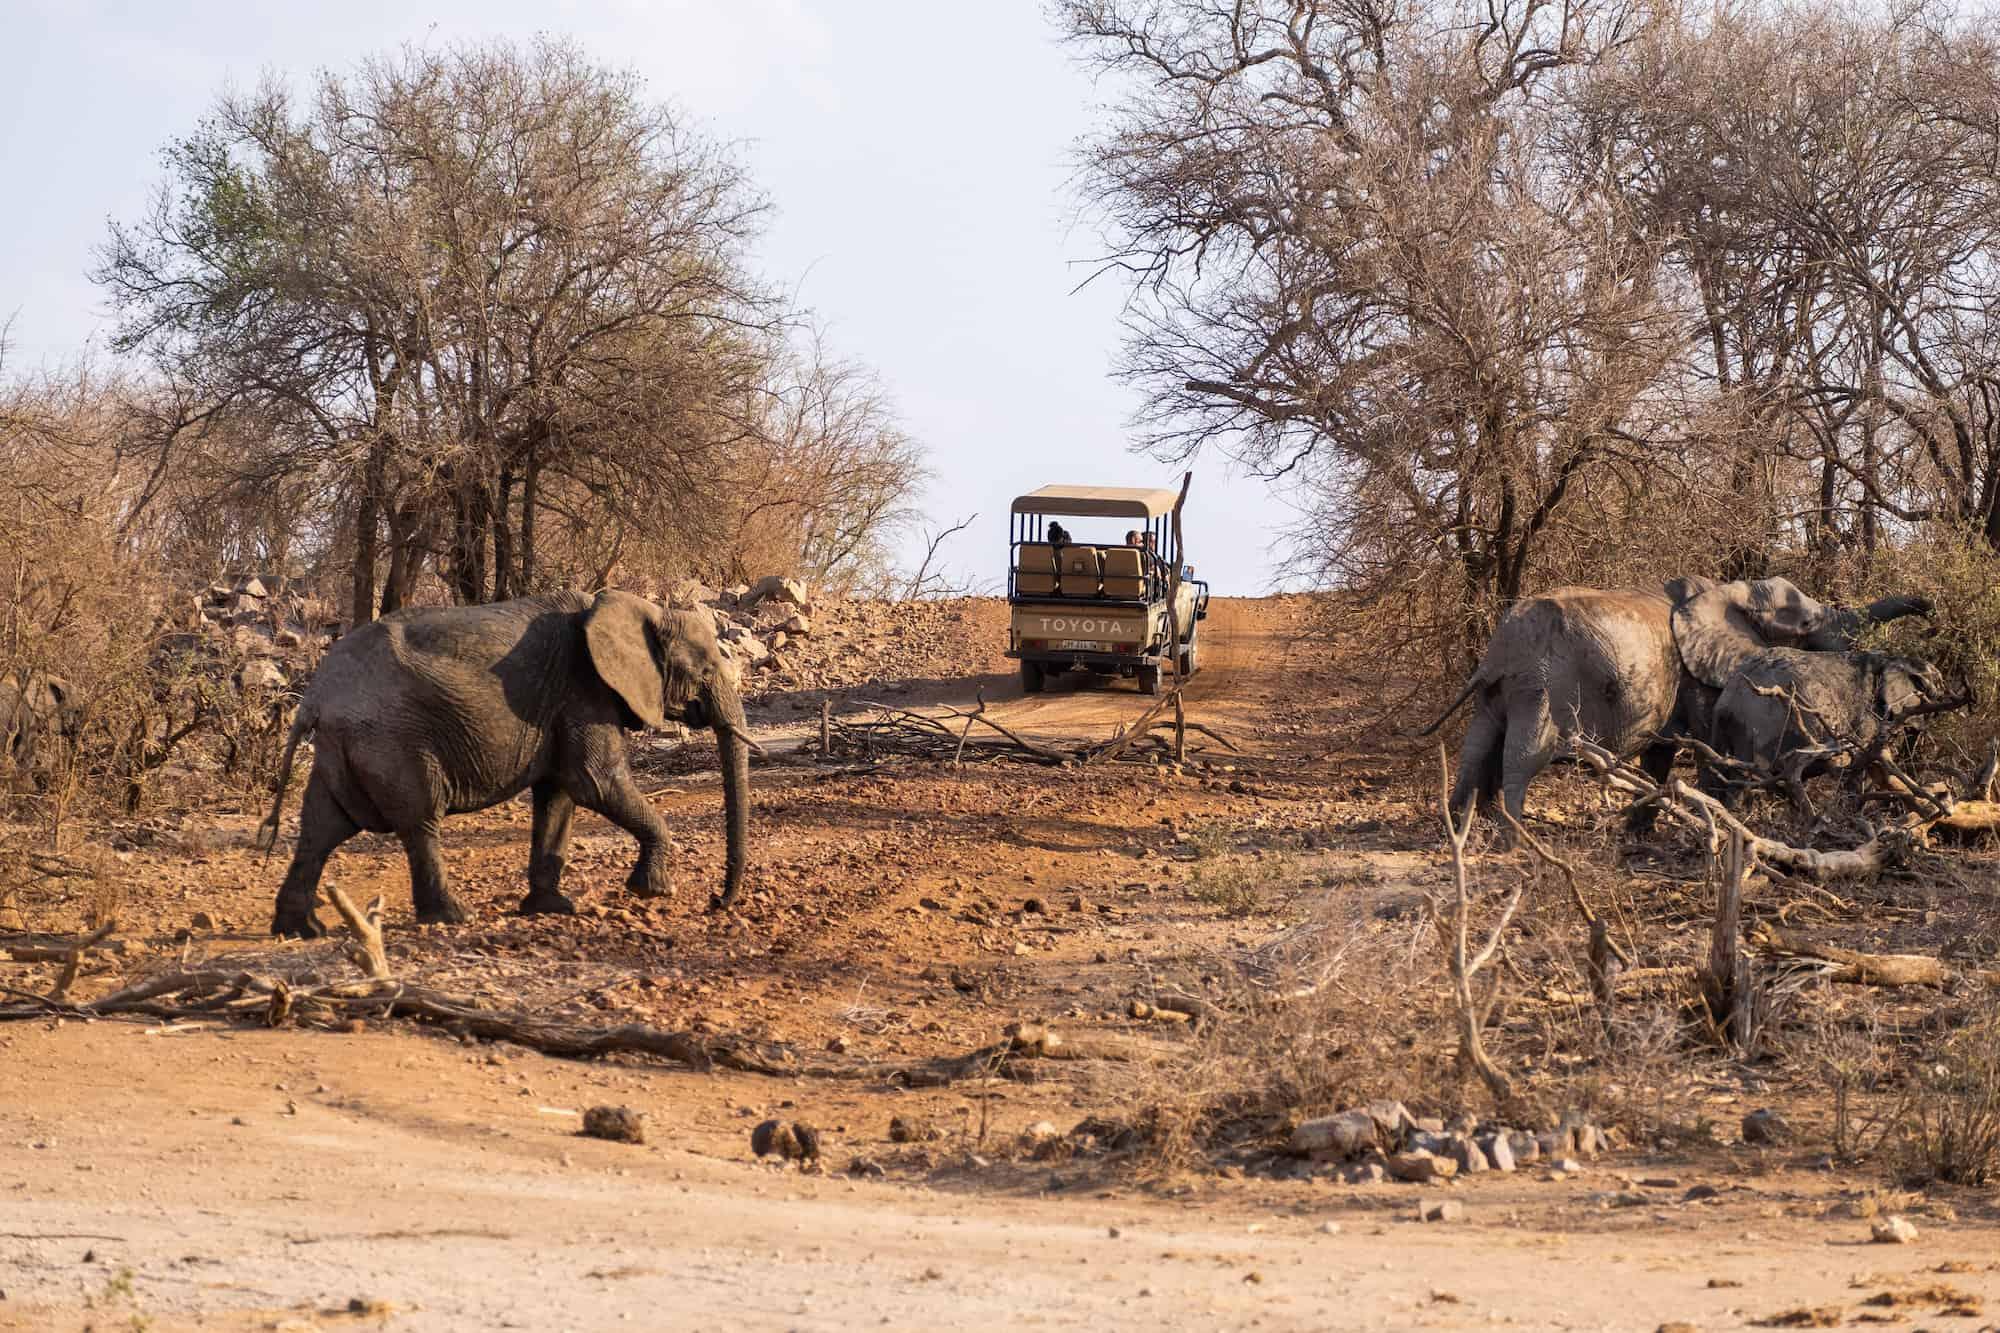 Elephants on Madikwe